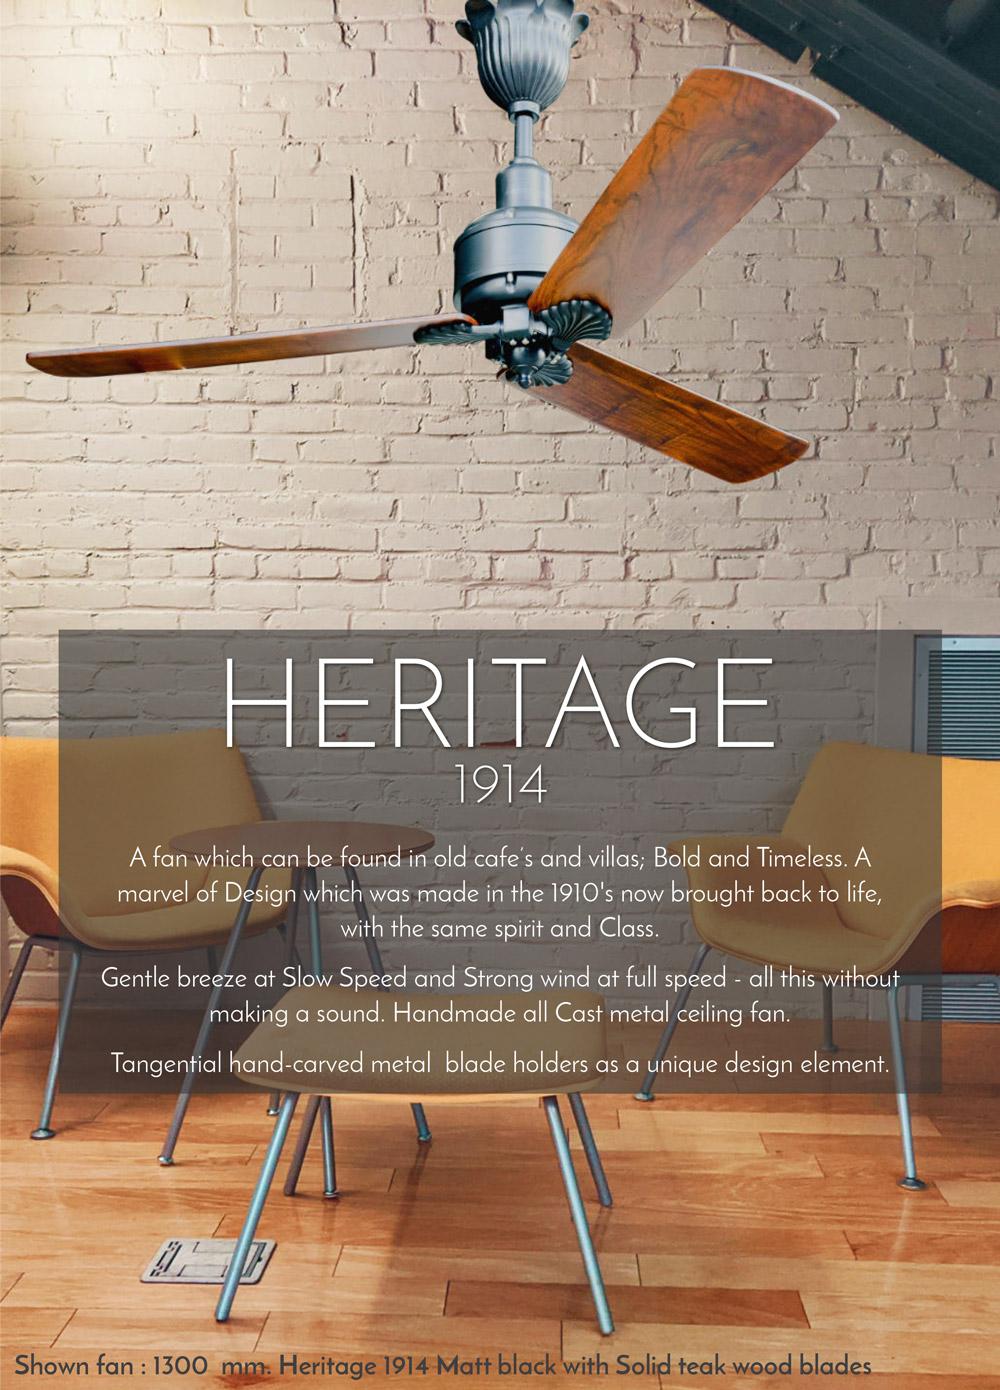 Windmill Heritage 1914